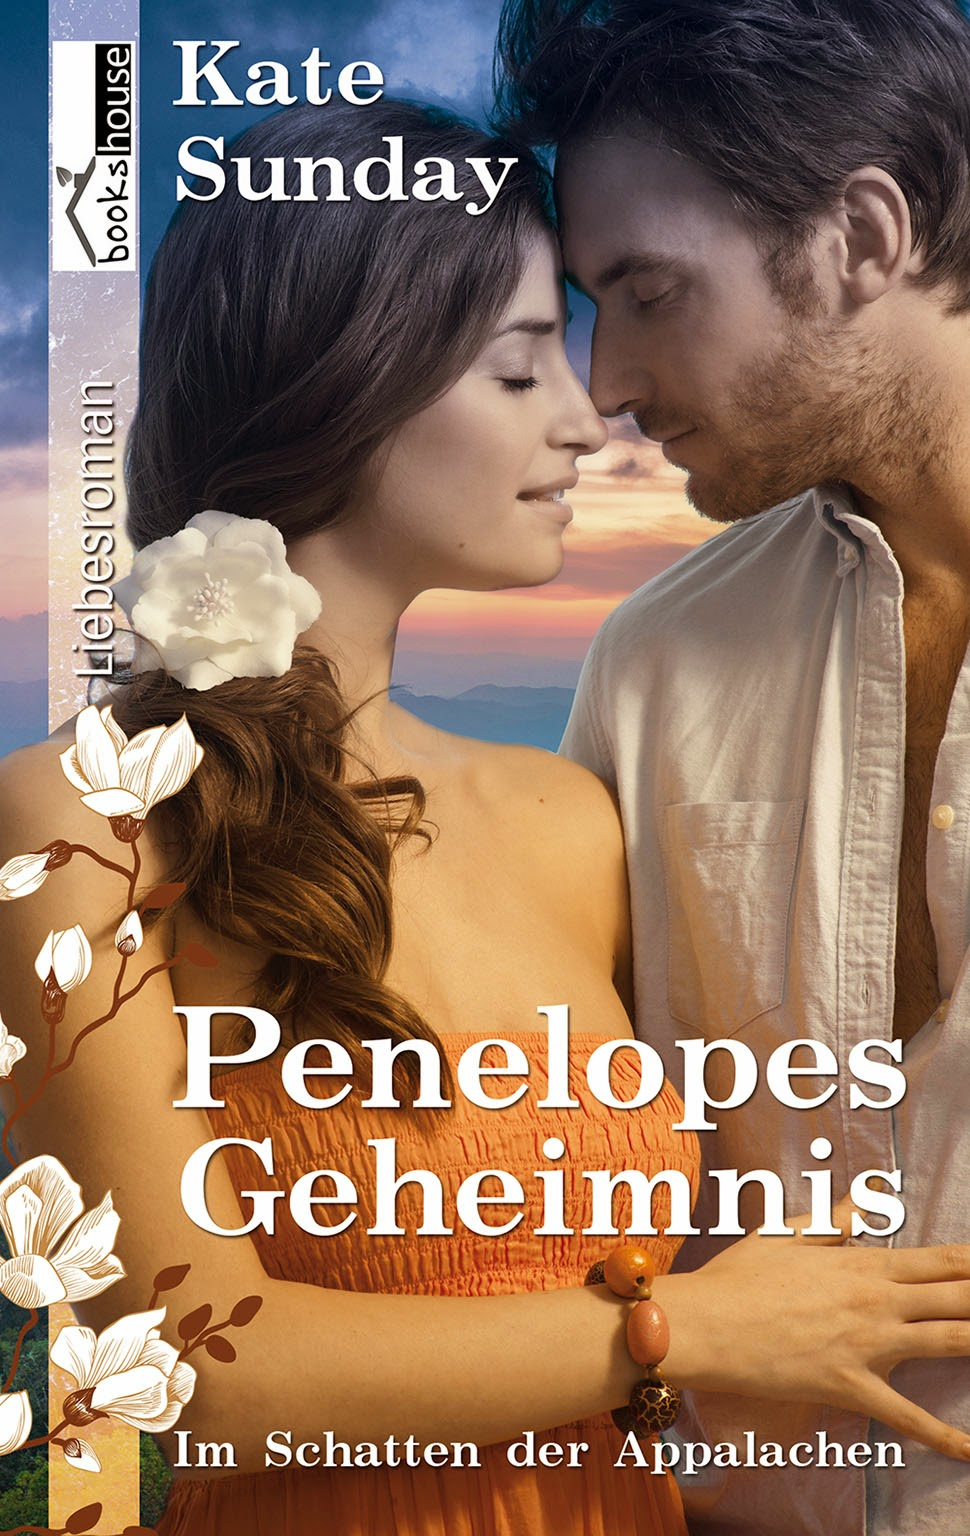 http://www.bookshouse.de/buecher/Penelopes_Geheimnis___Im_Schatten_der_Appalachen_2/